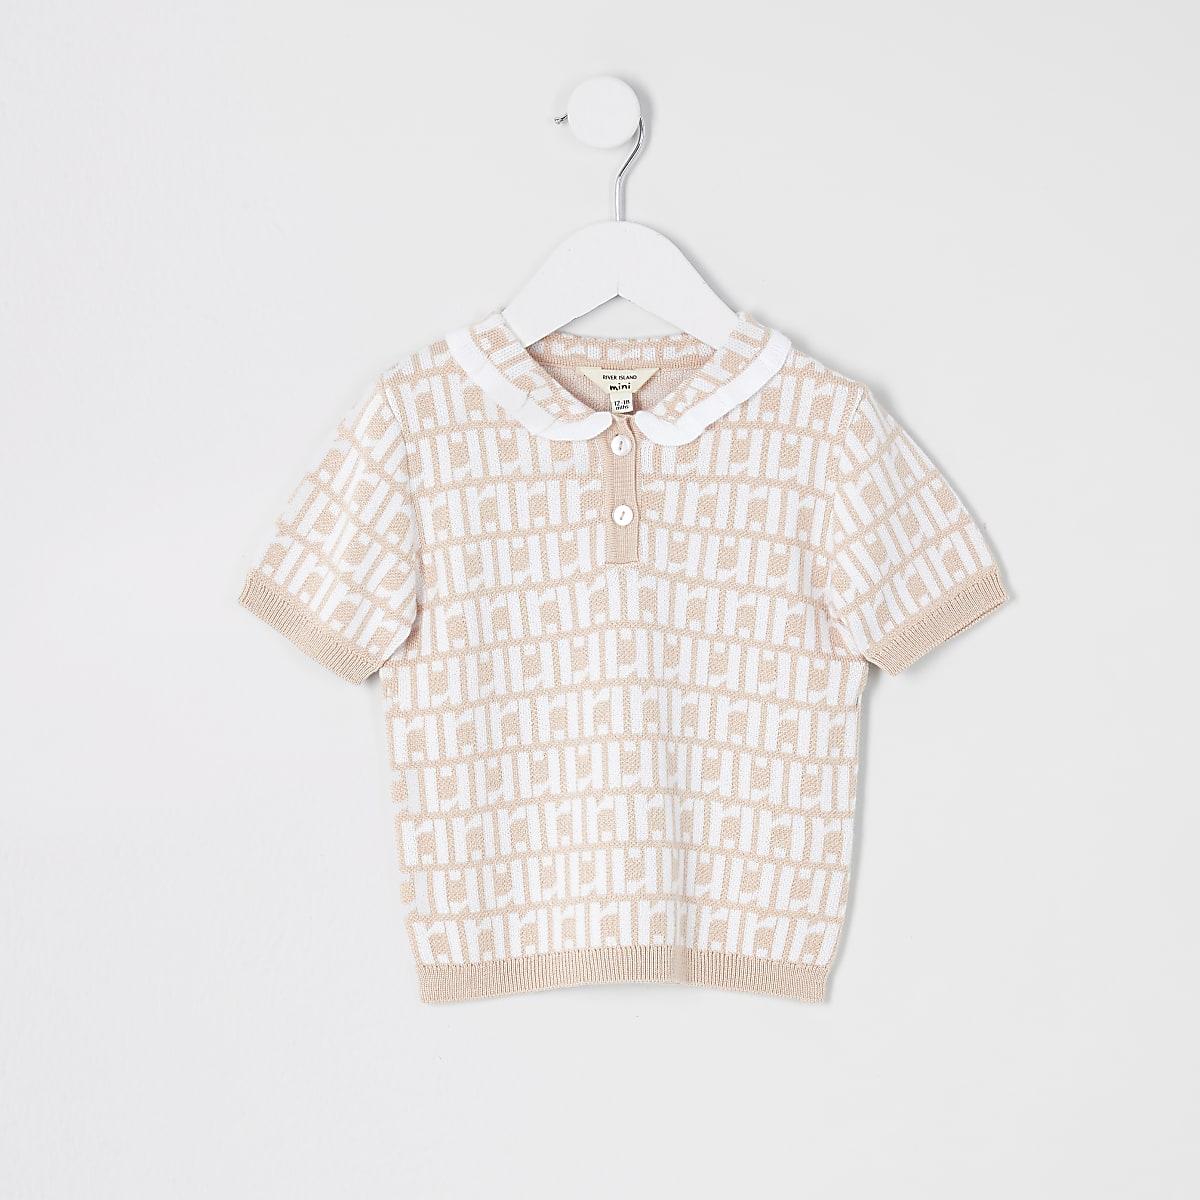 Mini - Roze poloshirt met RI-logo voor meisjes